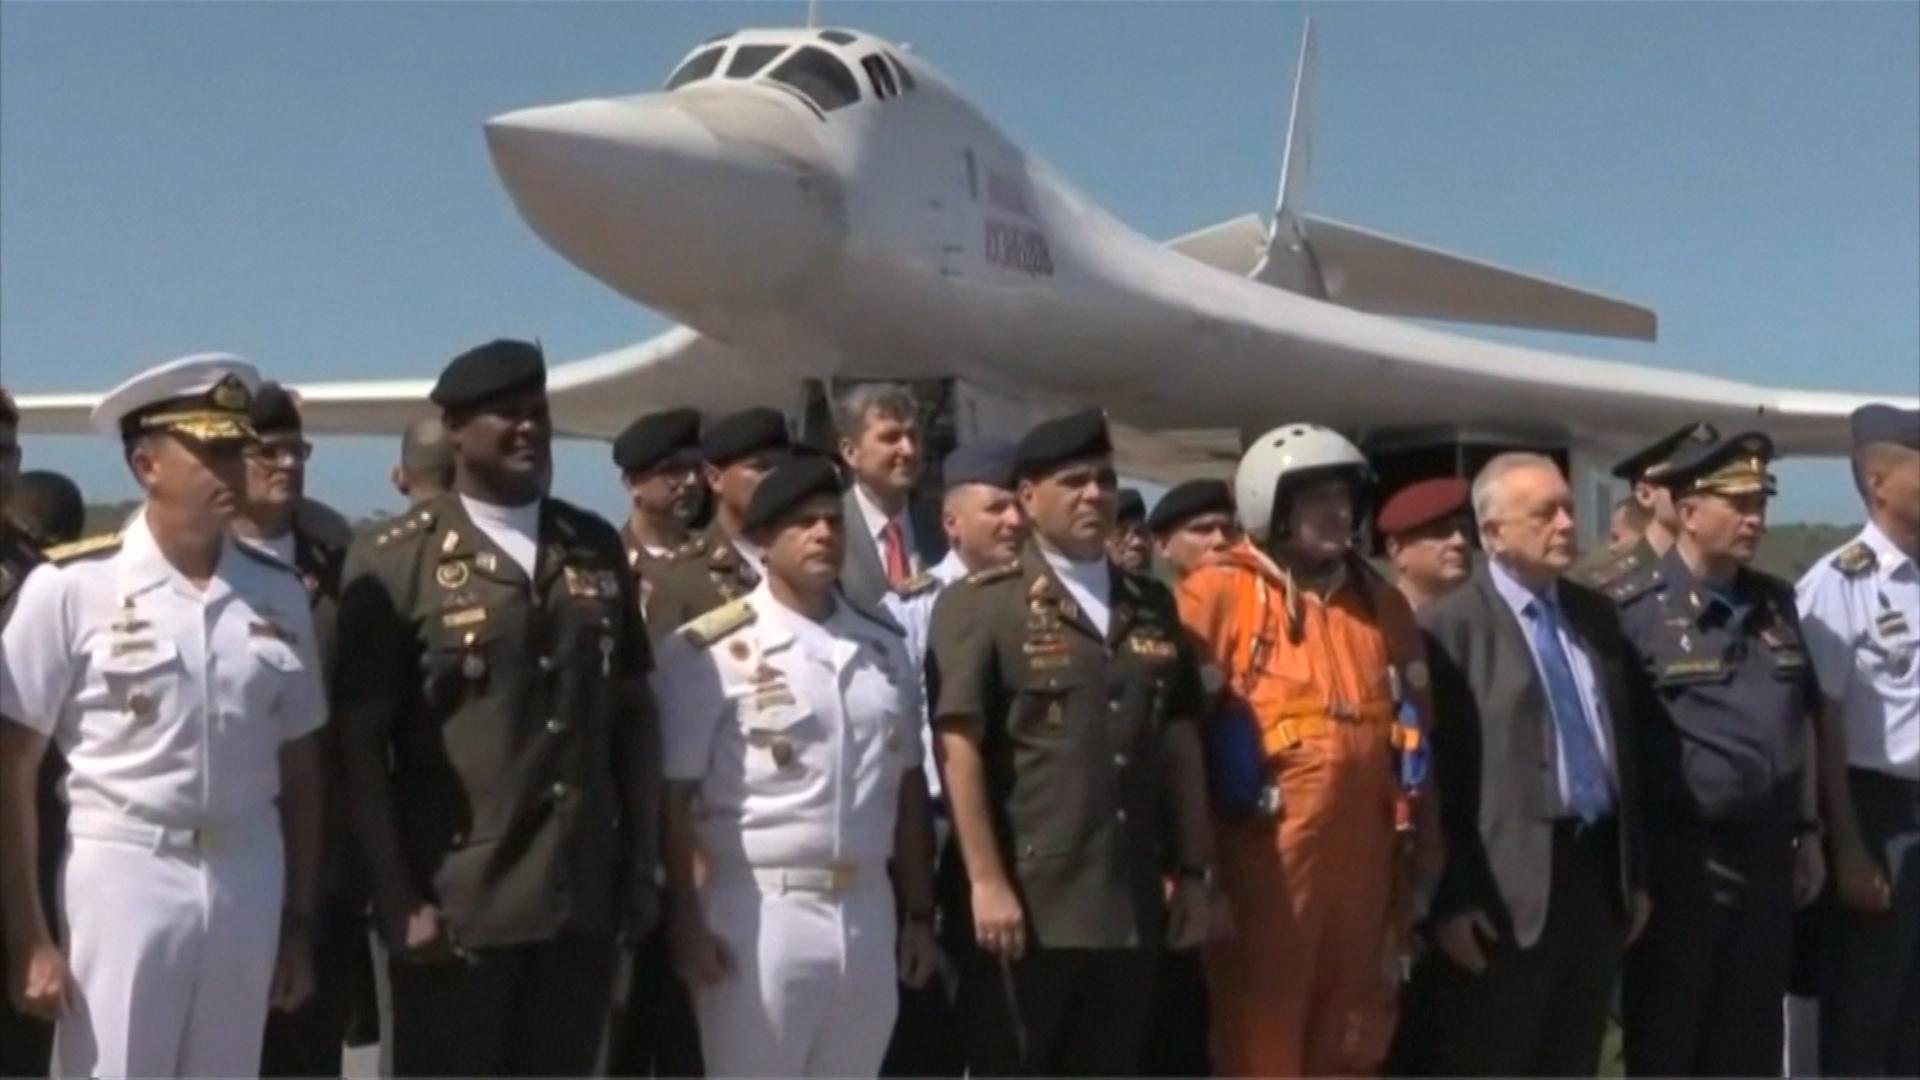 El ministro chavista de Defensa, Padrino Lóipez, participó de la ceremonia previa al vuelo